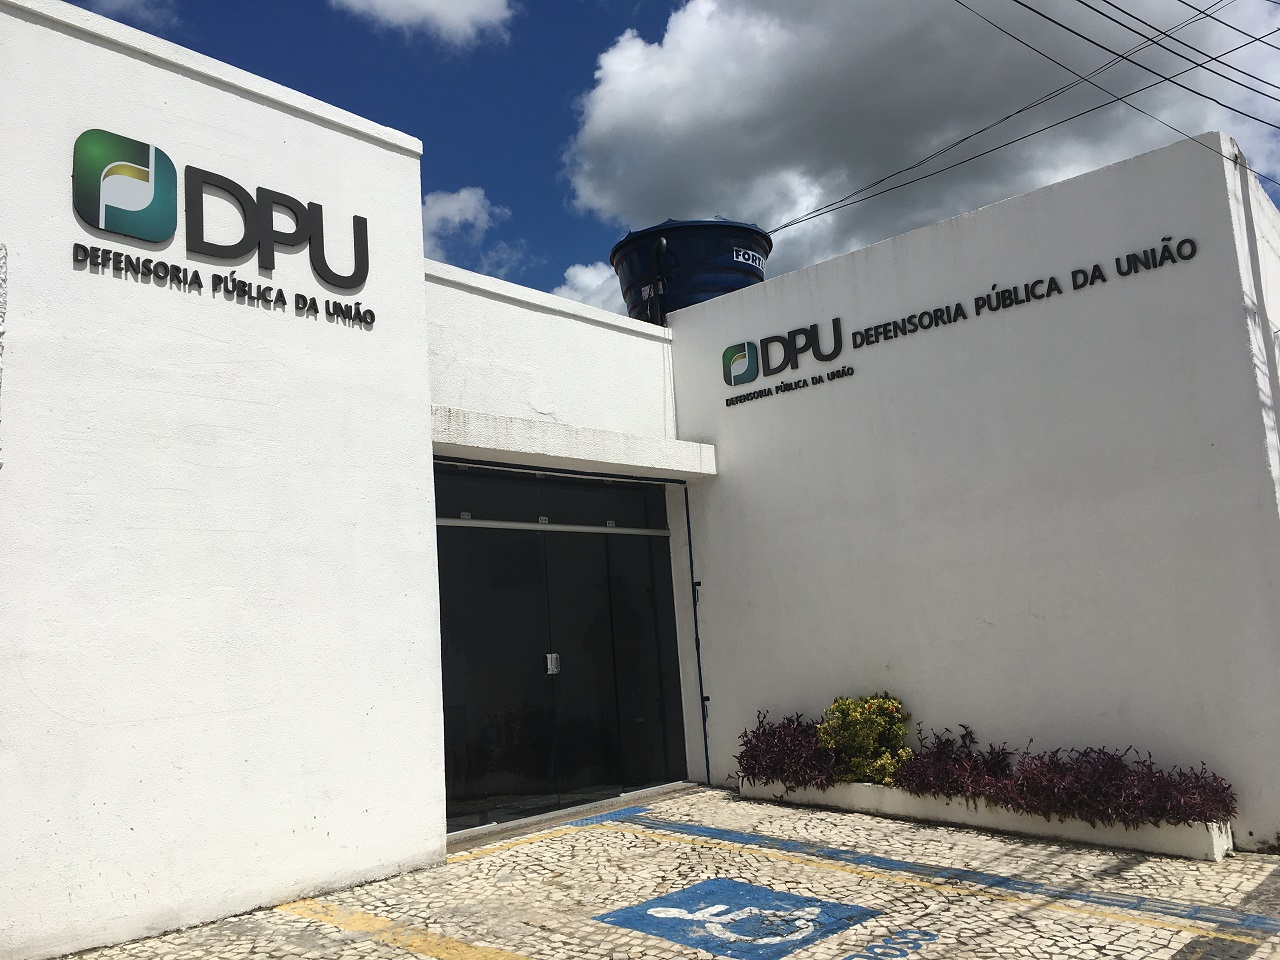 Resultado de imagem para Defensoria Pública da União unidade em Sobral